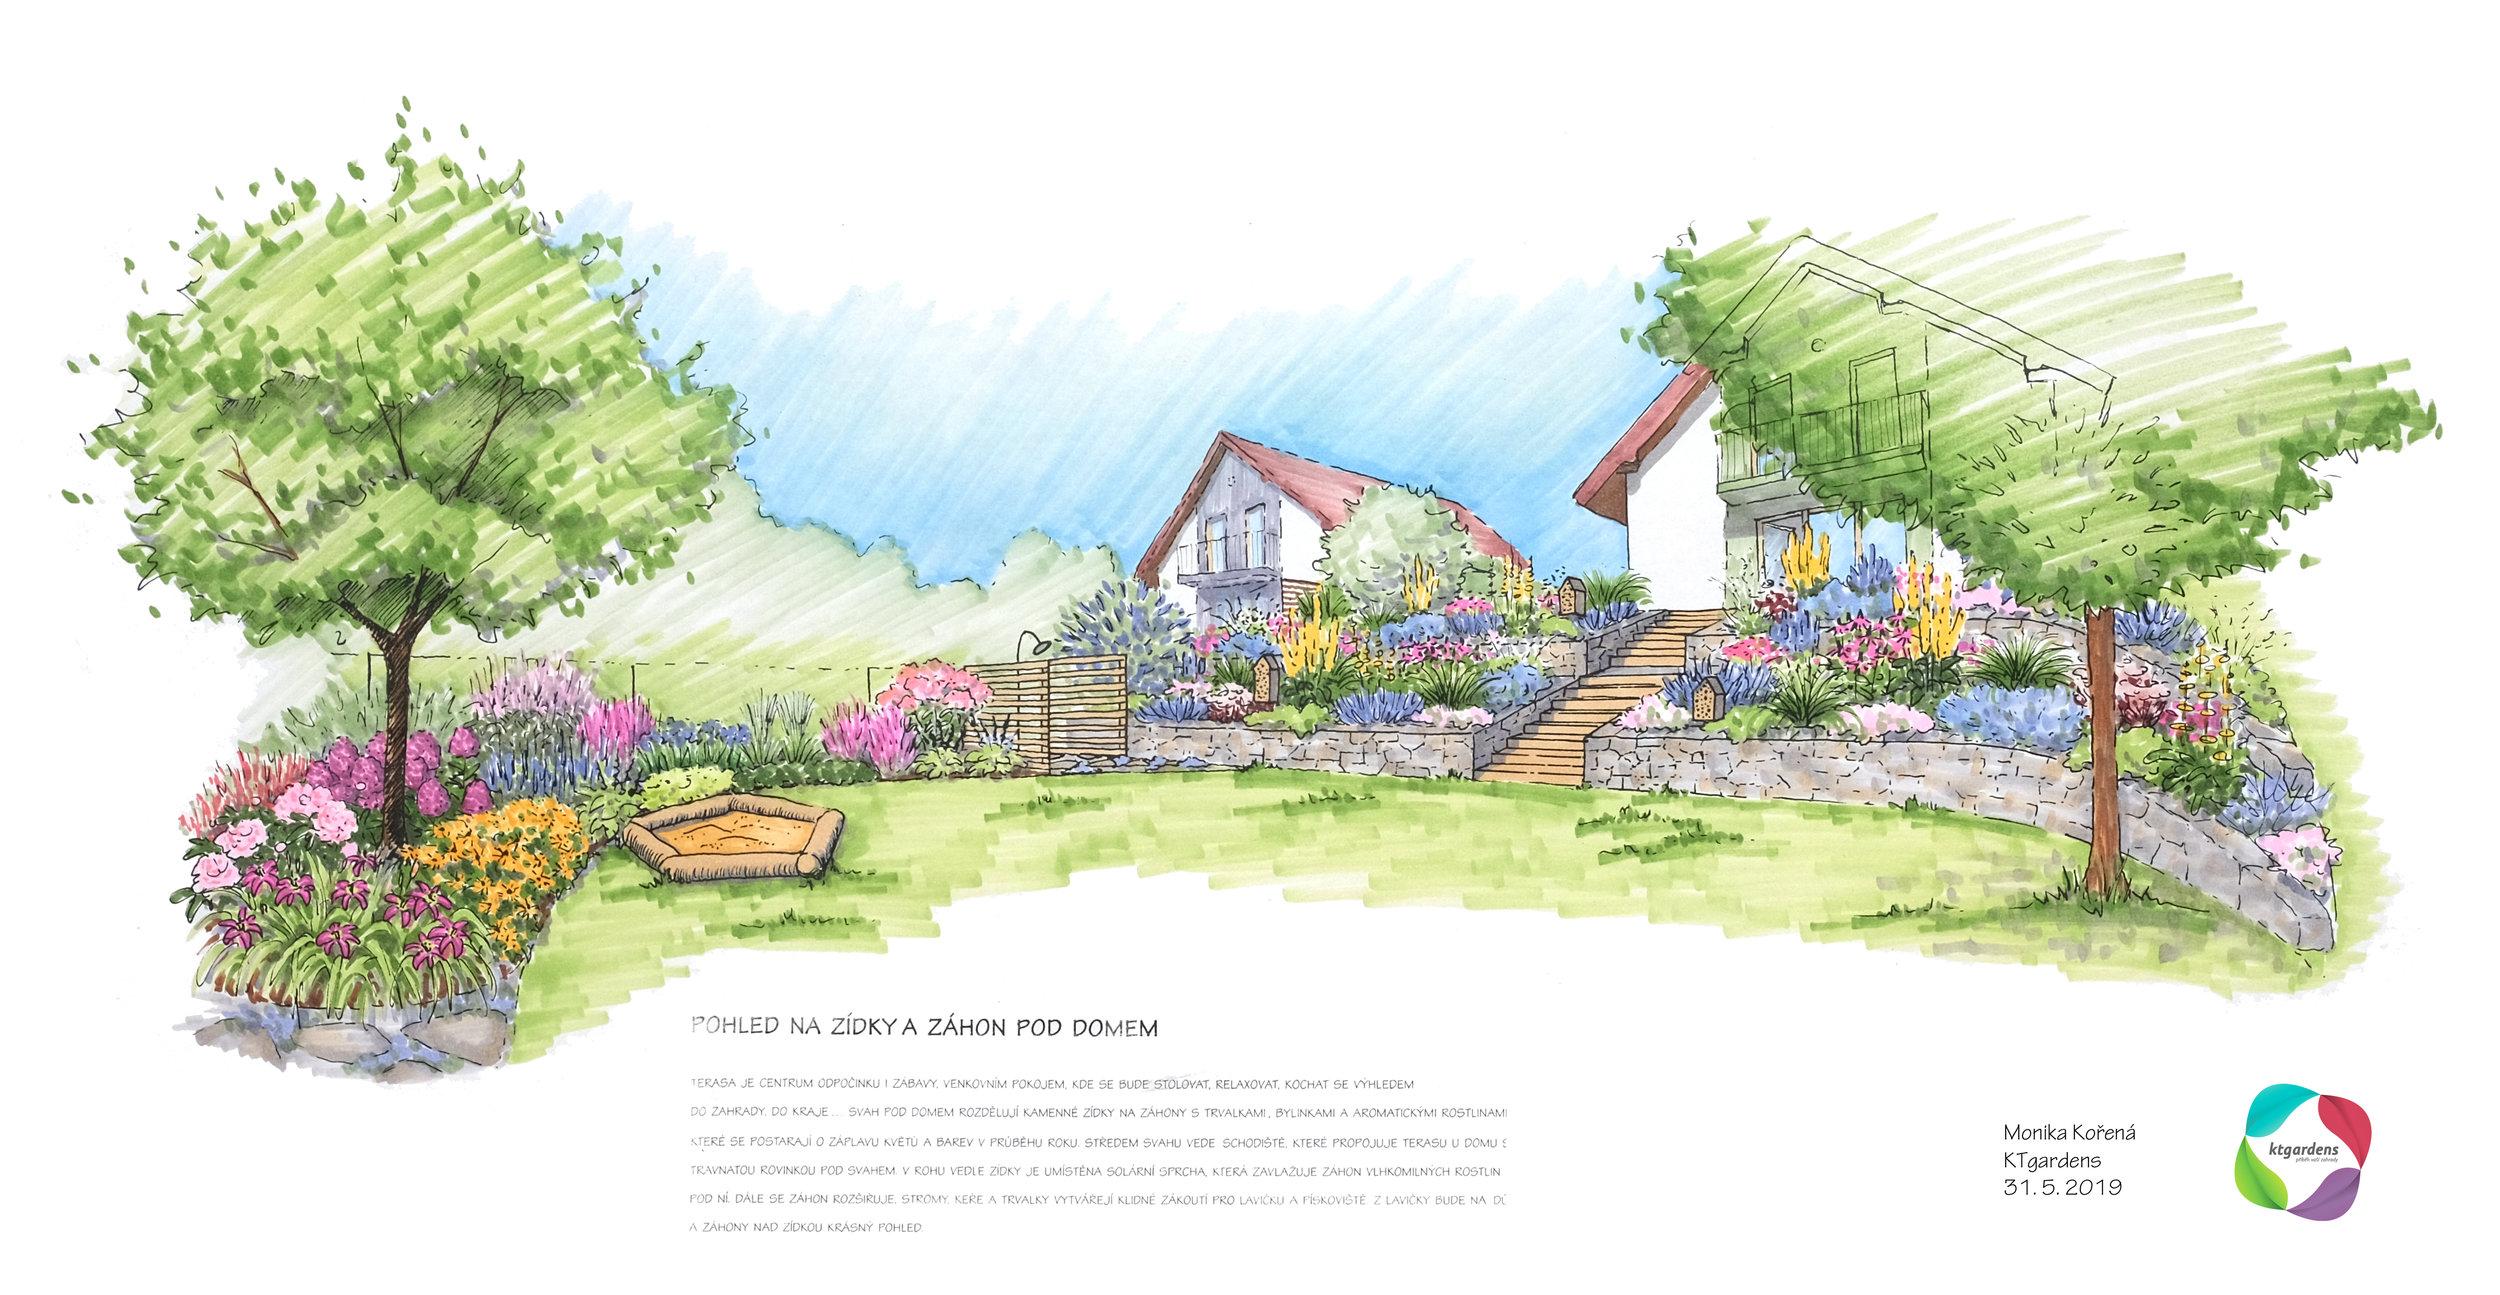 Návrh zahrady v Řepišti, venkovská zahrada, přírodní zahrada. rodinná zahrada, ohniště, trvalky, záhony, kamenné zídky, louka, les, KTgardens